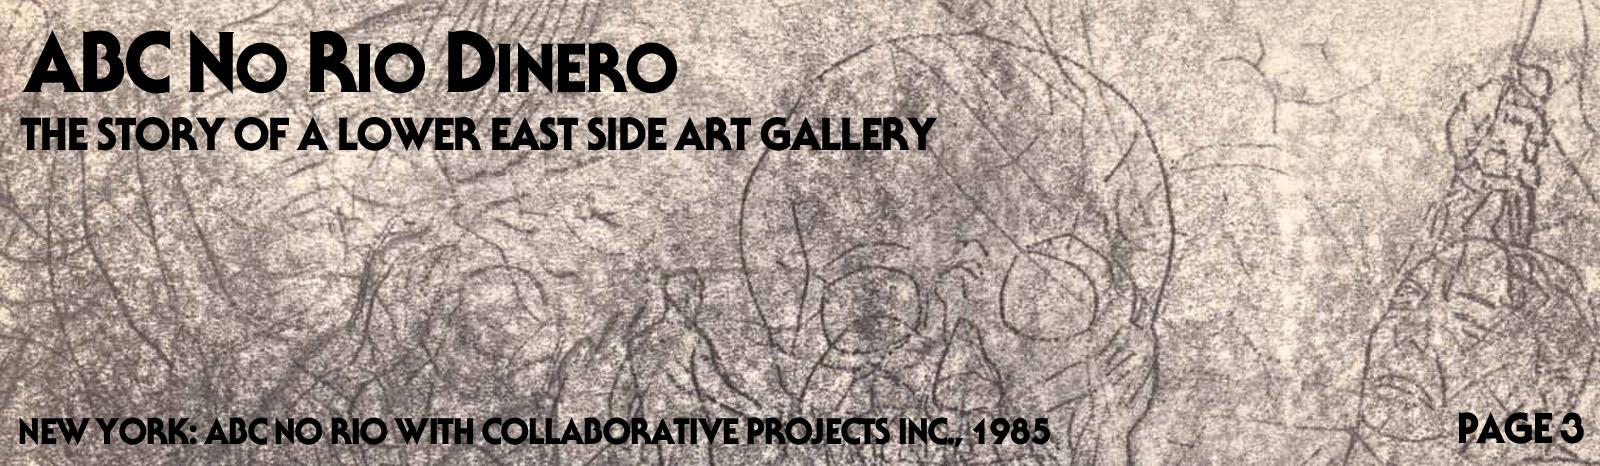 abc-no-rio-page-cover-3.jpg